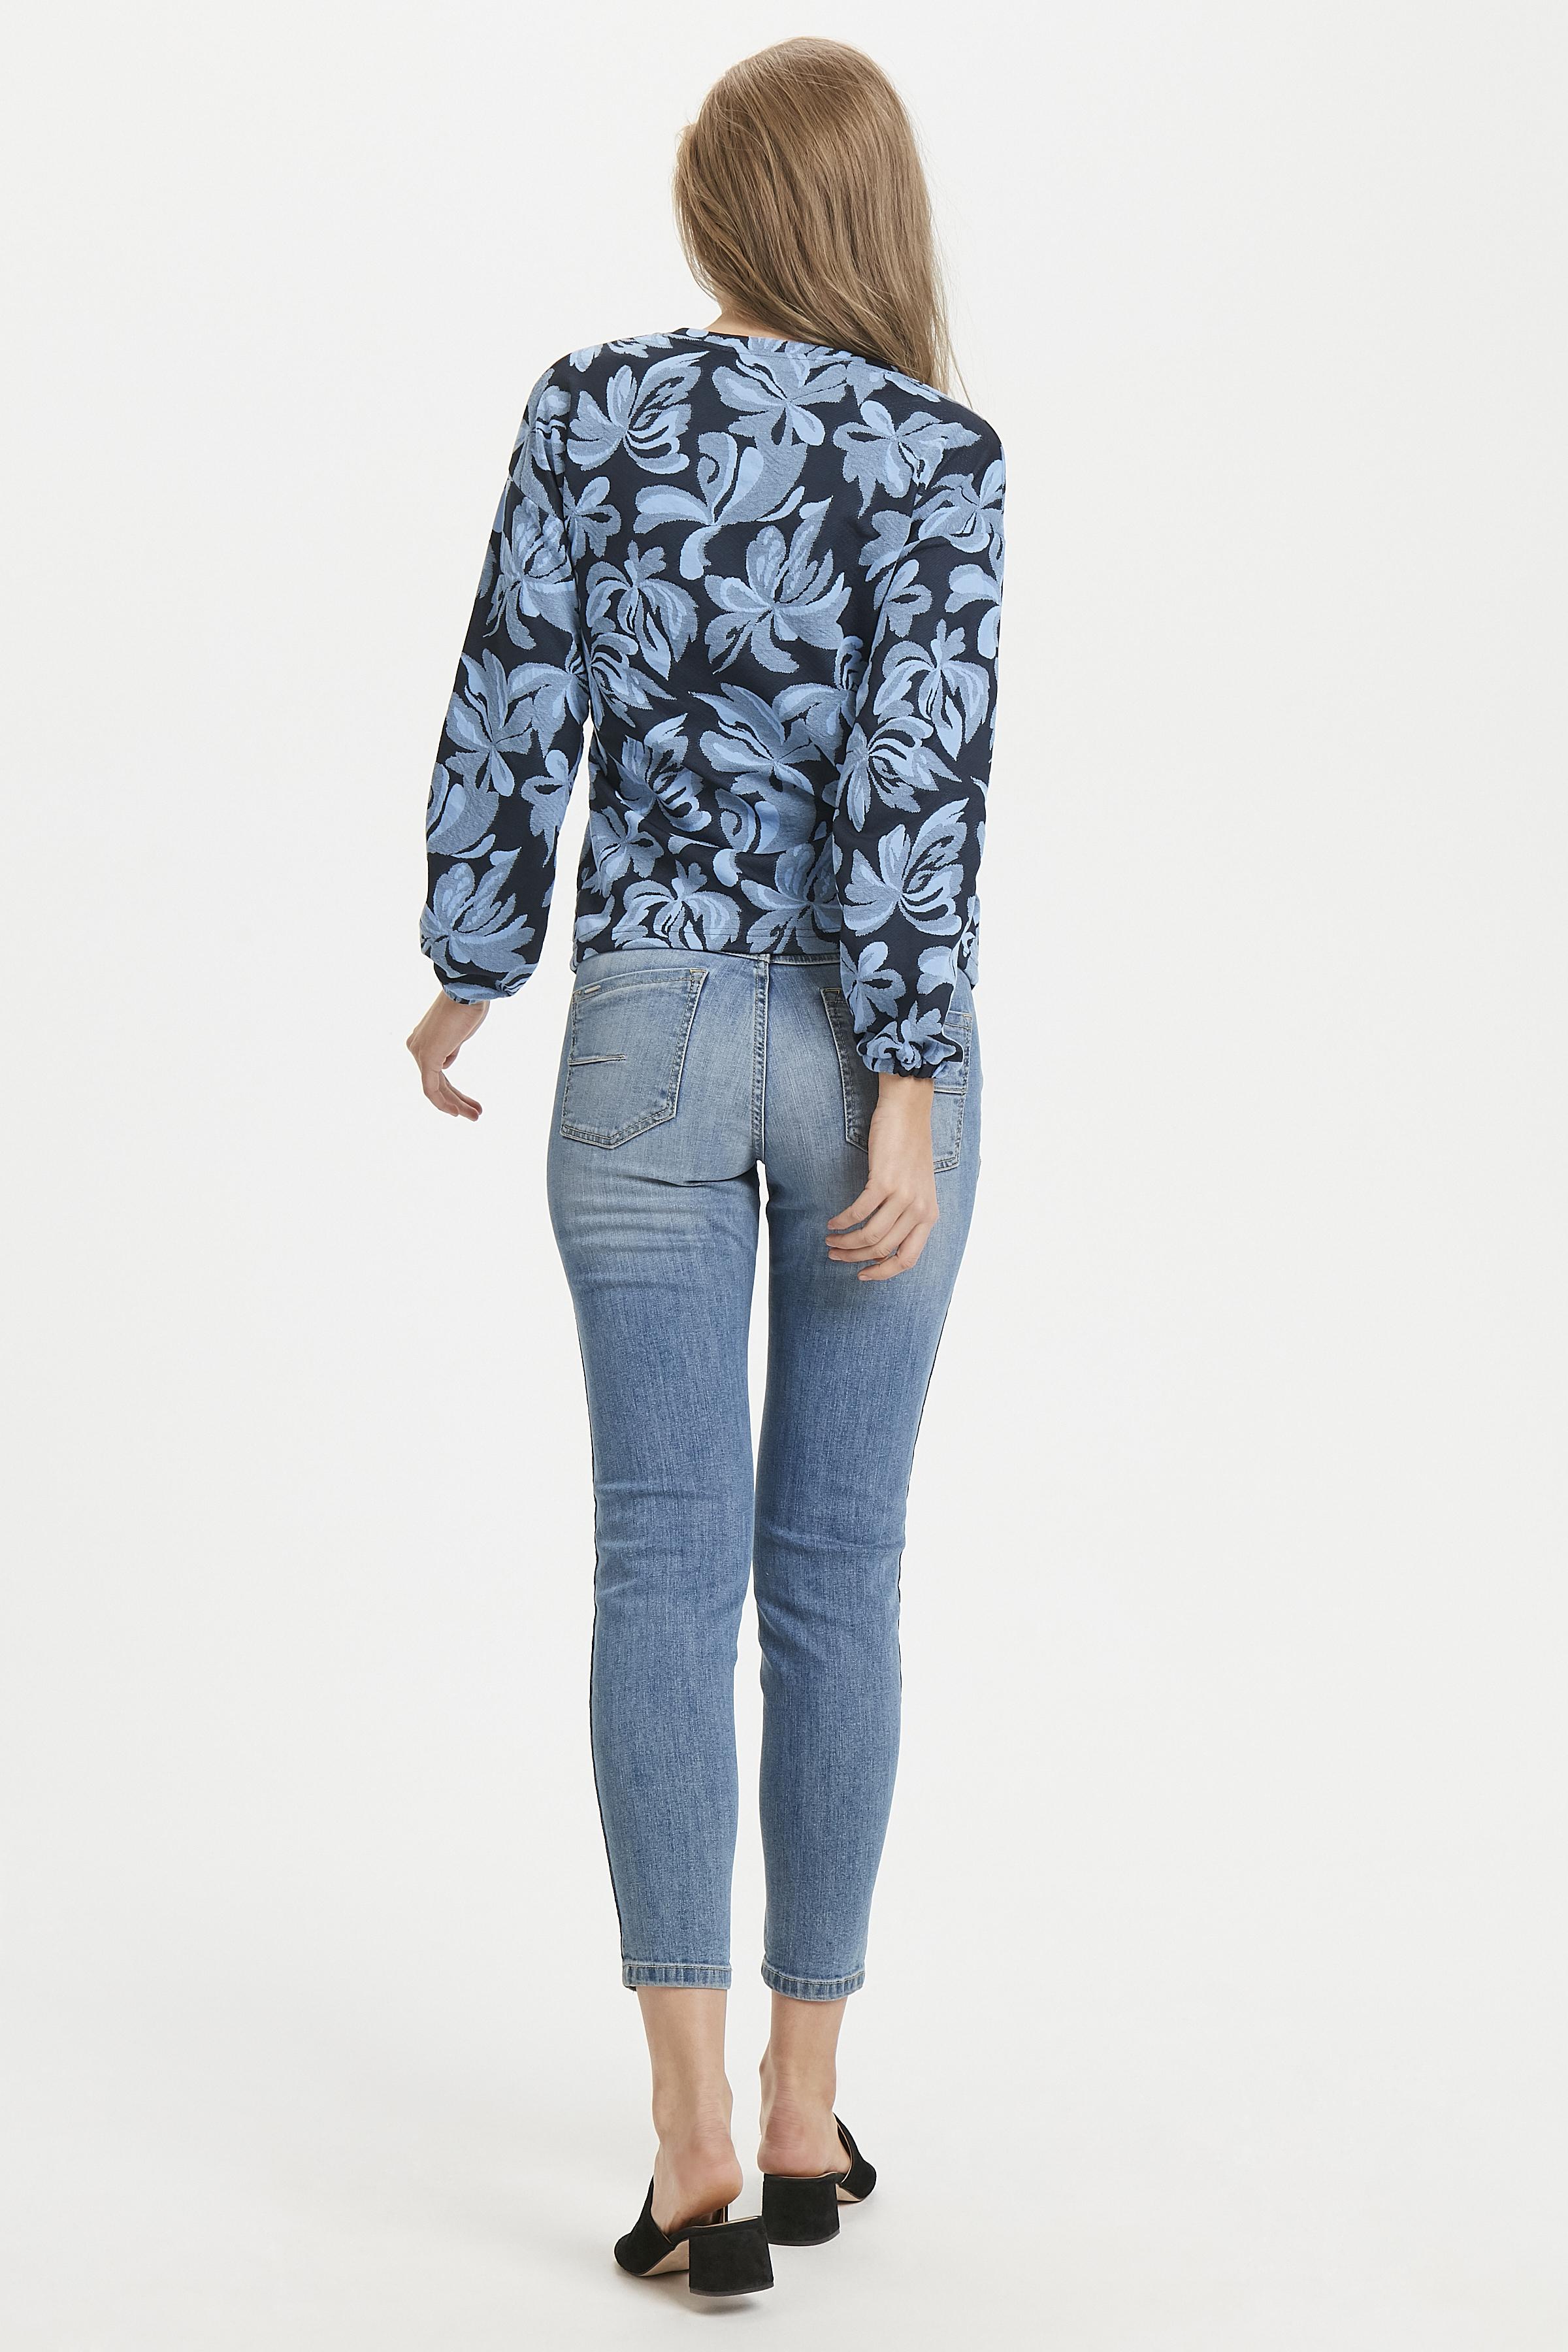 Cornflower blue combi 2 Langærmet T-shirt fra b.young – Køb Cornflower blue combi 2 Langærmet T-shirt fra str. S-XXL her